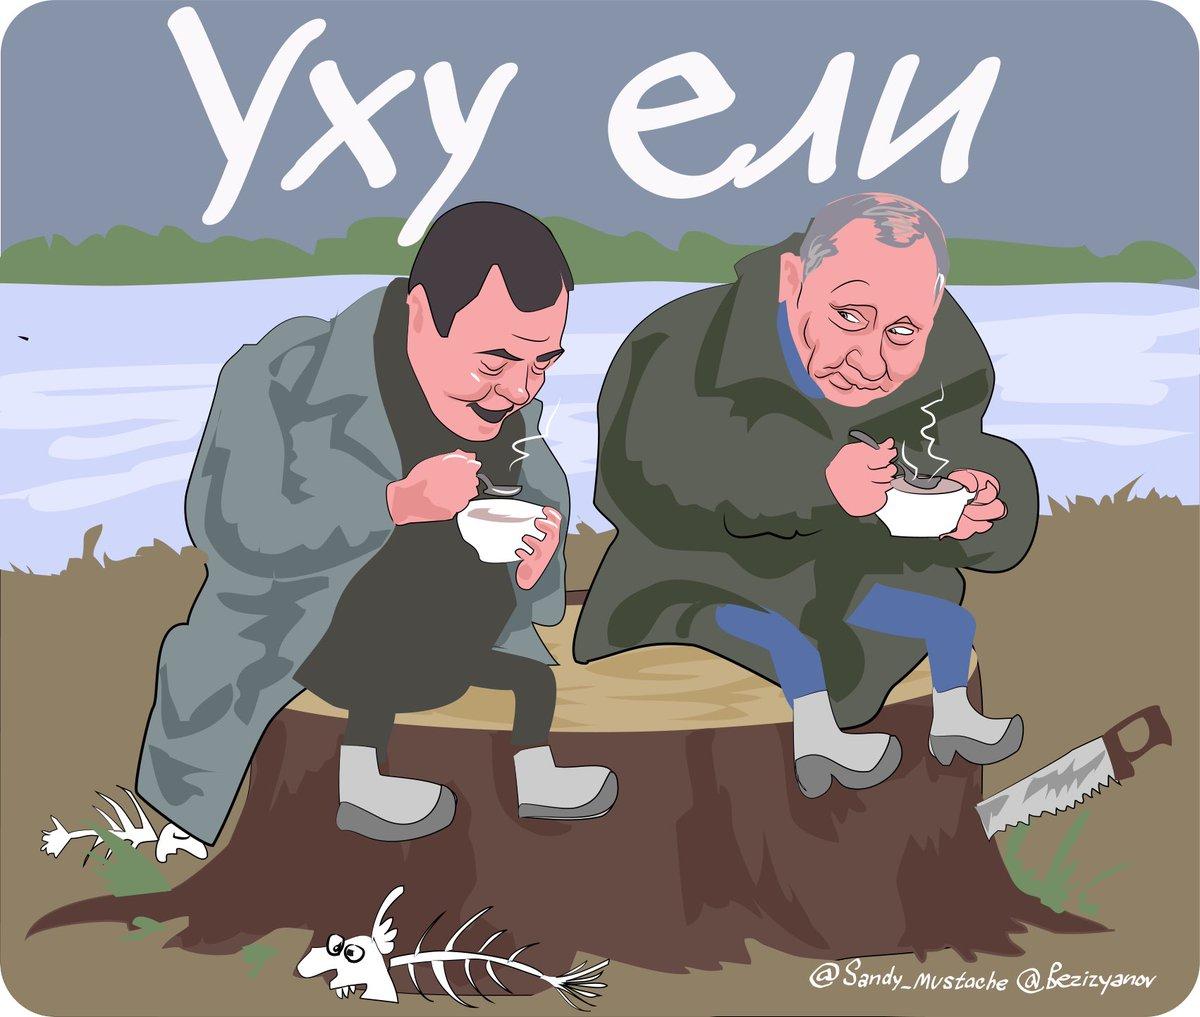 Путин не согласен с позицией Порошенко по обмену пленными, - Песков - Цензор.НЕТ 7570